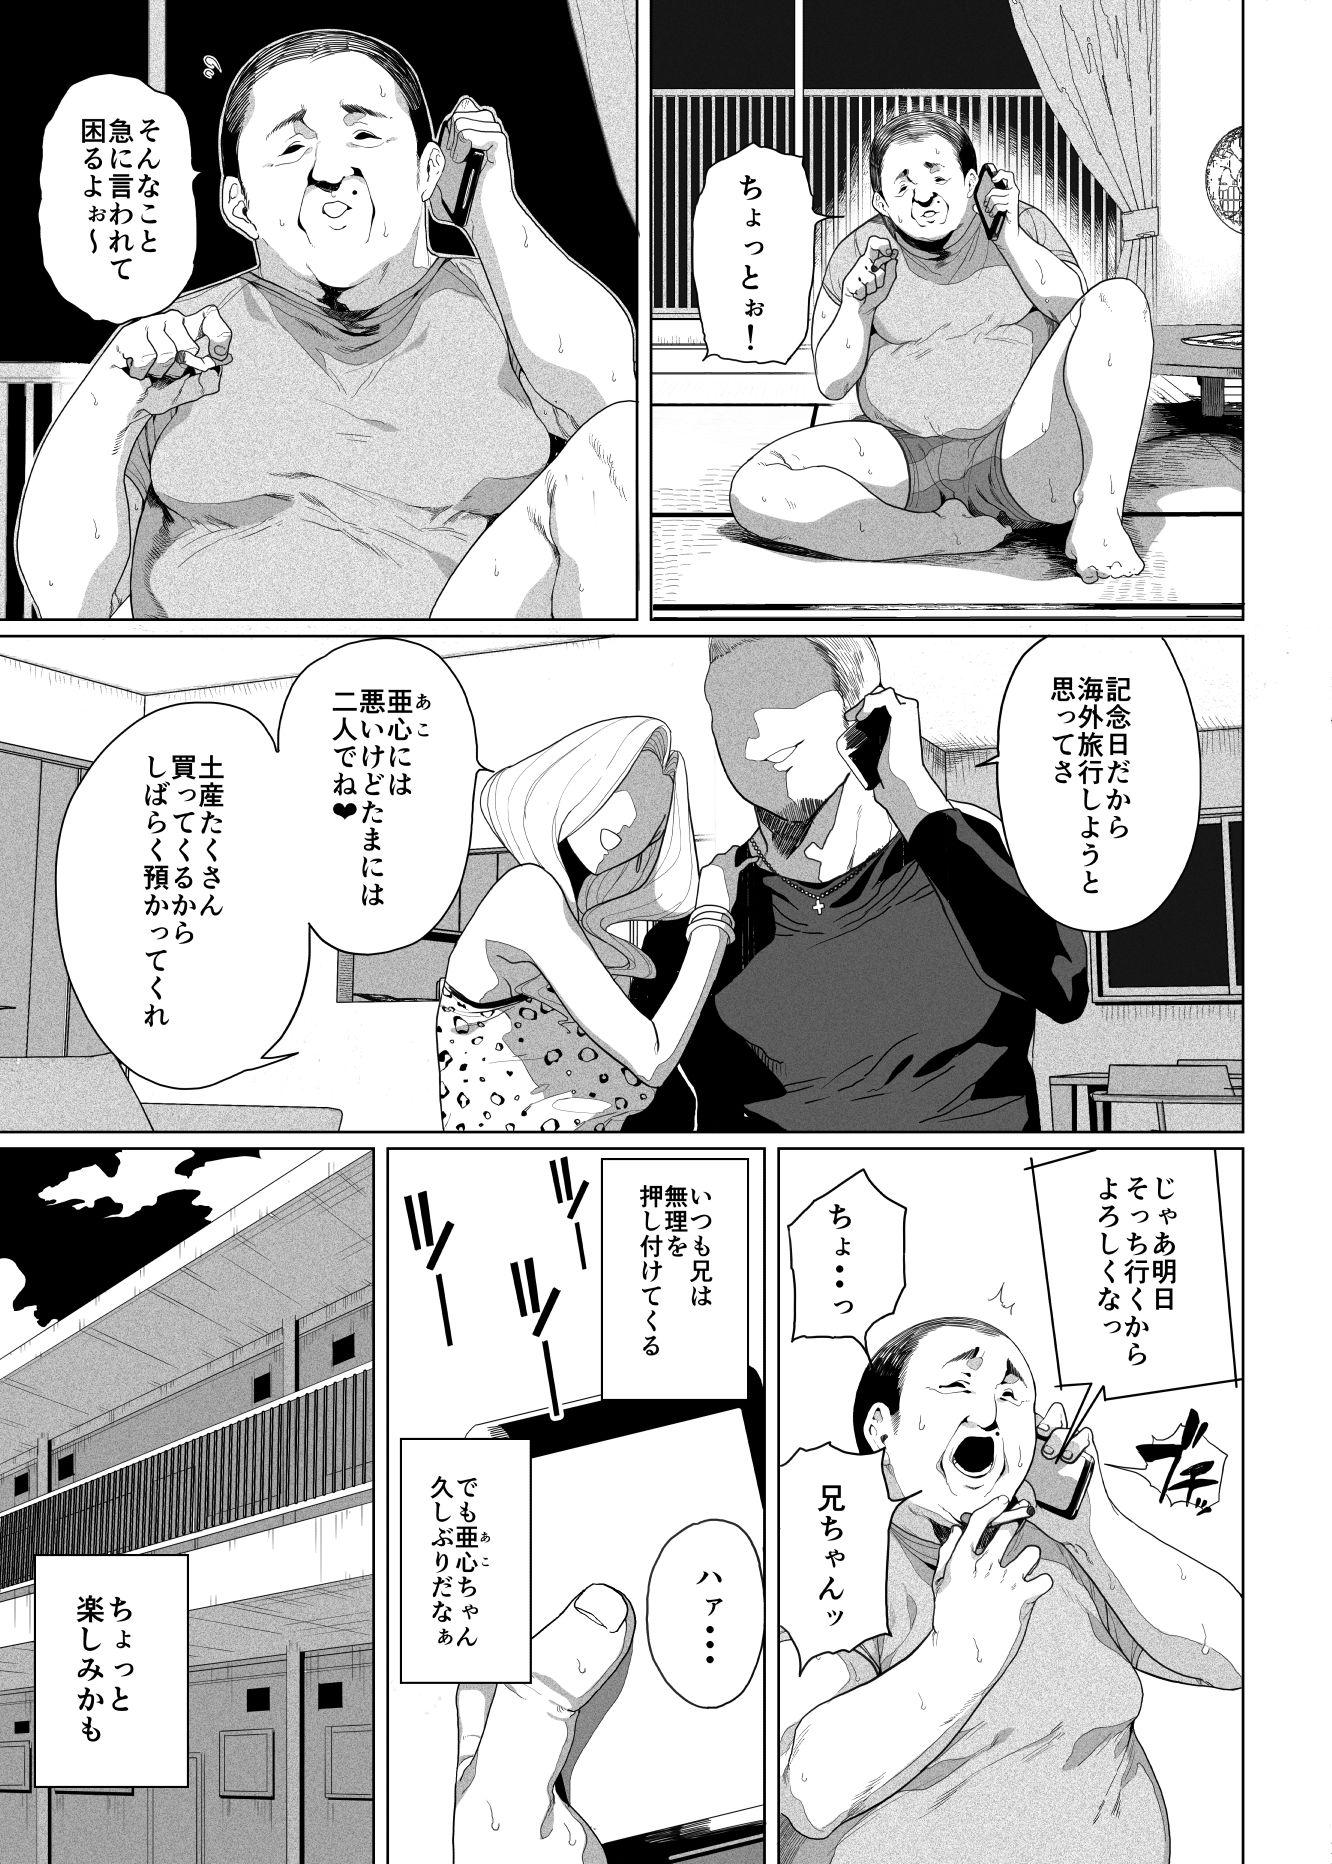 【エロ漫画無料大全集】【近親相姦】オトナの男の怖さを教え込まれた女の子の運命が…